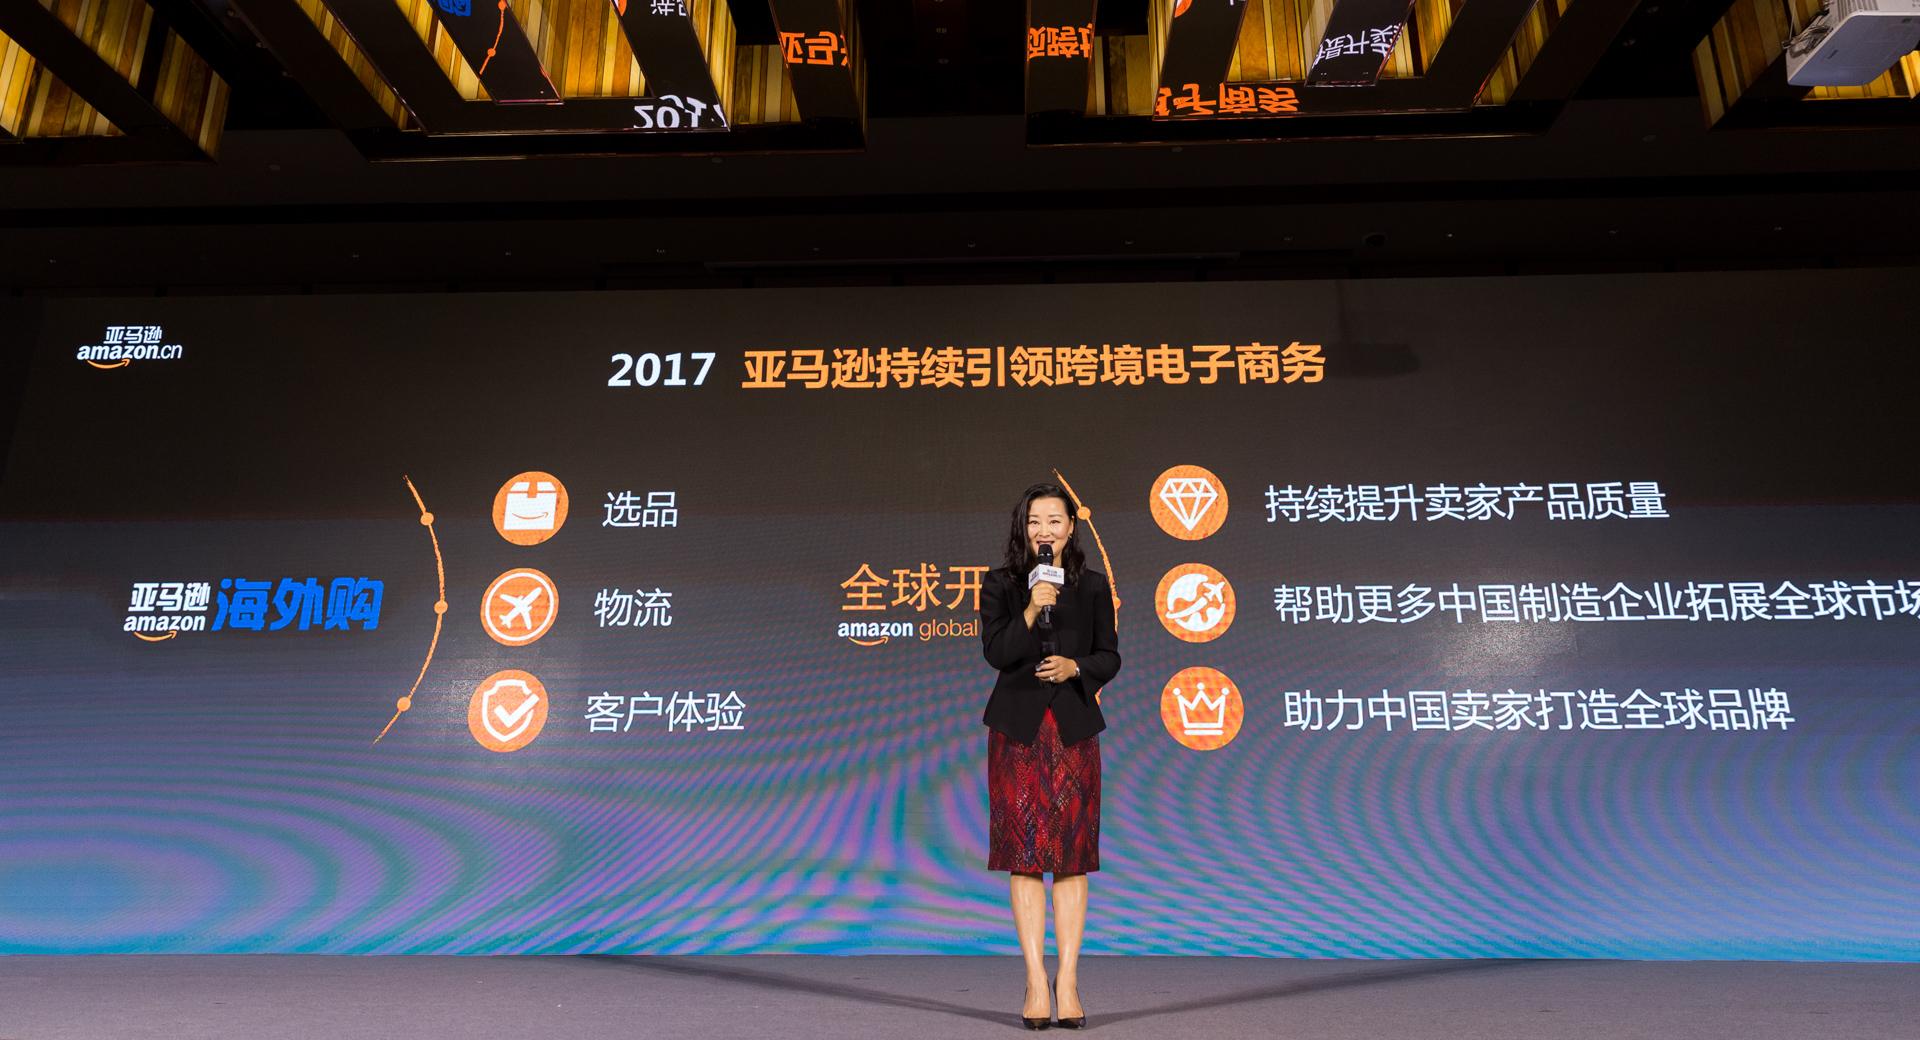 亚马逊中国:跨境网购更趋品质化 家庭成为主力群体